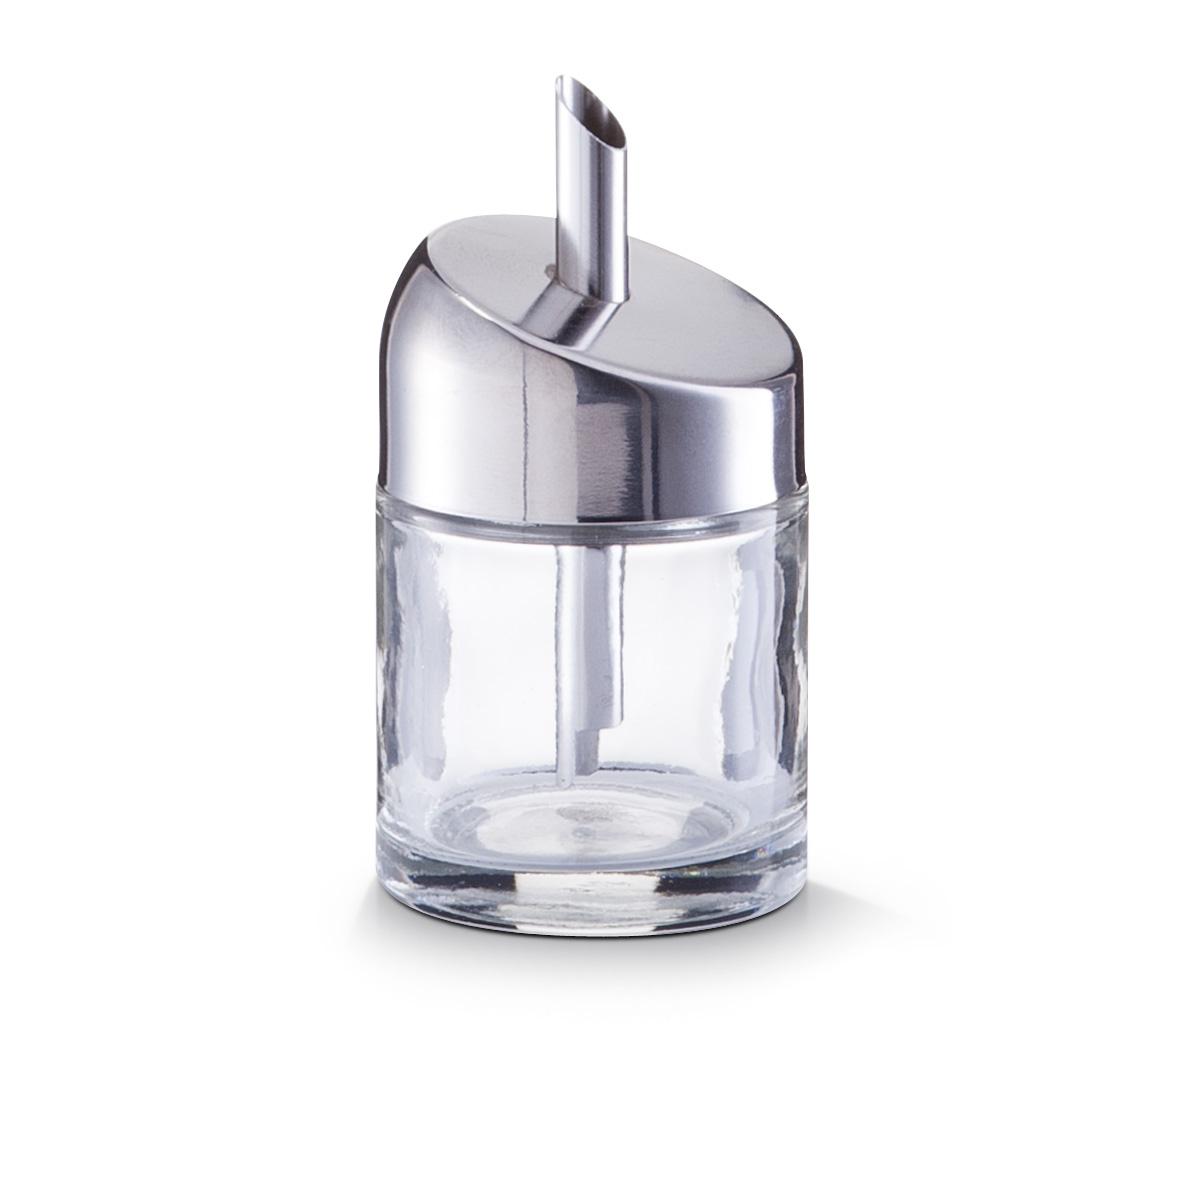 Емкость для сахара d-6х11 смЕмкость для сахара станет одной из тех незаменимых мелочей, которые делают вашу жизнь проще и комфортнее. Представленная модель изготавливается из прочного стекла, которое обладает высокой устойчивостью к случайным повреждениям. Особенности материала исключают возникновение царапин и потертостей даже после длительного регулярного использования. Плотно закрывающаяся крышка не допускает просыпания сахара, а специальный дозатор позволит точно и аккуратно отмерить необходимое количество продукта.<br>